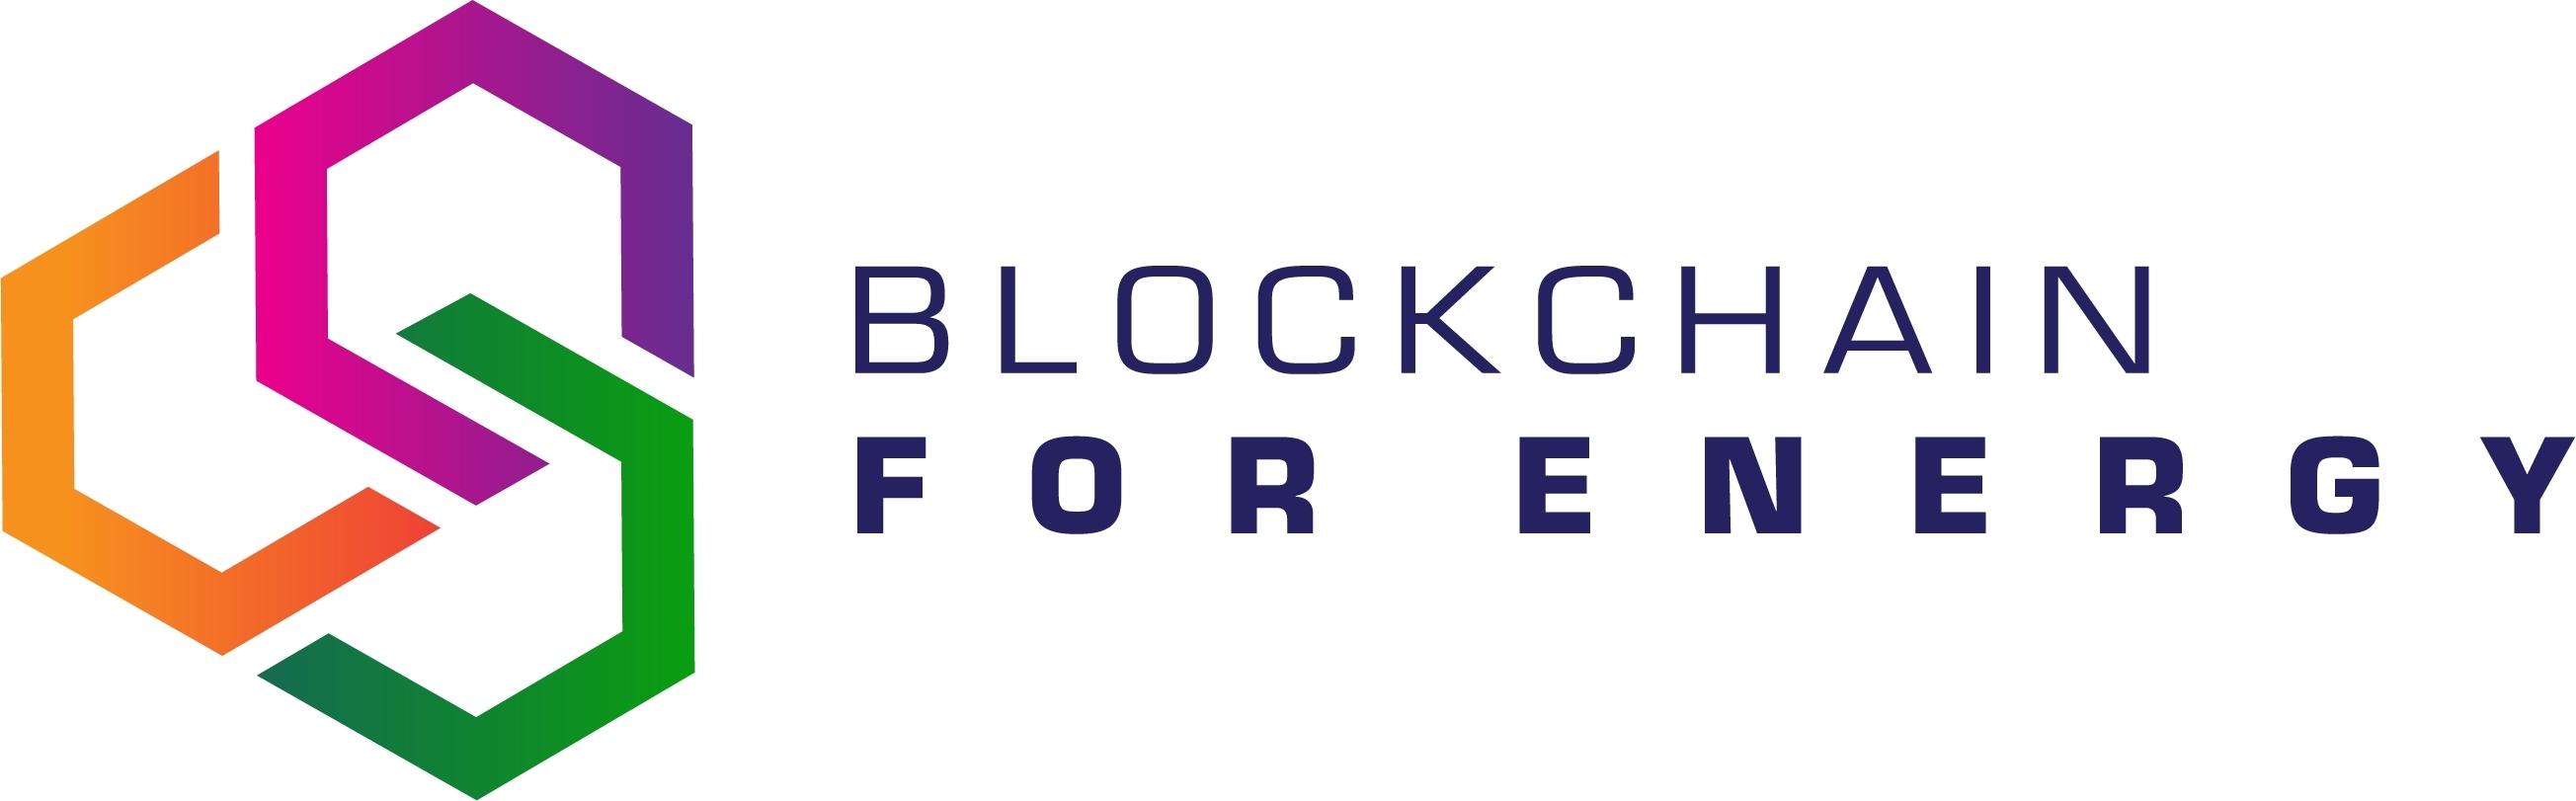 Blockchain For Energy Commences Smart Contracts R&D Program